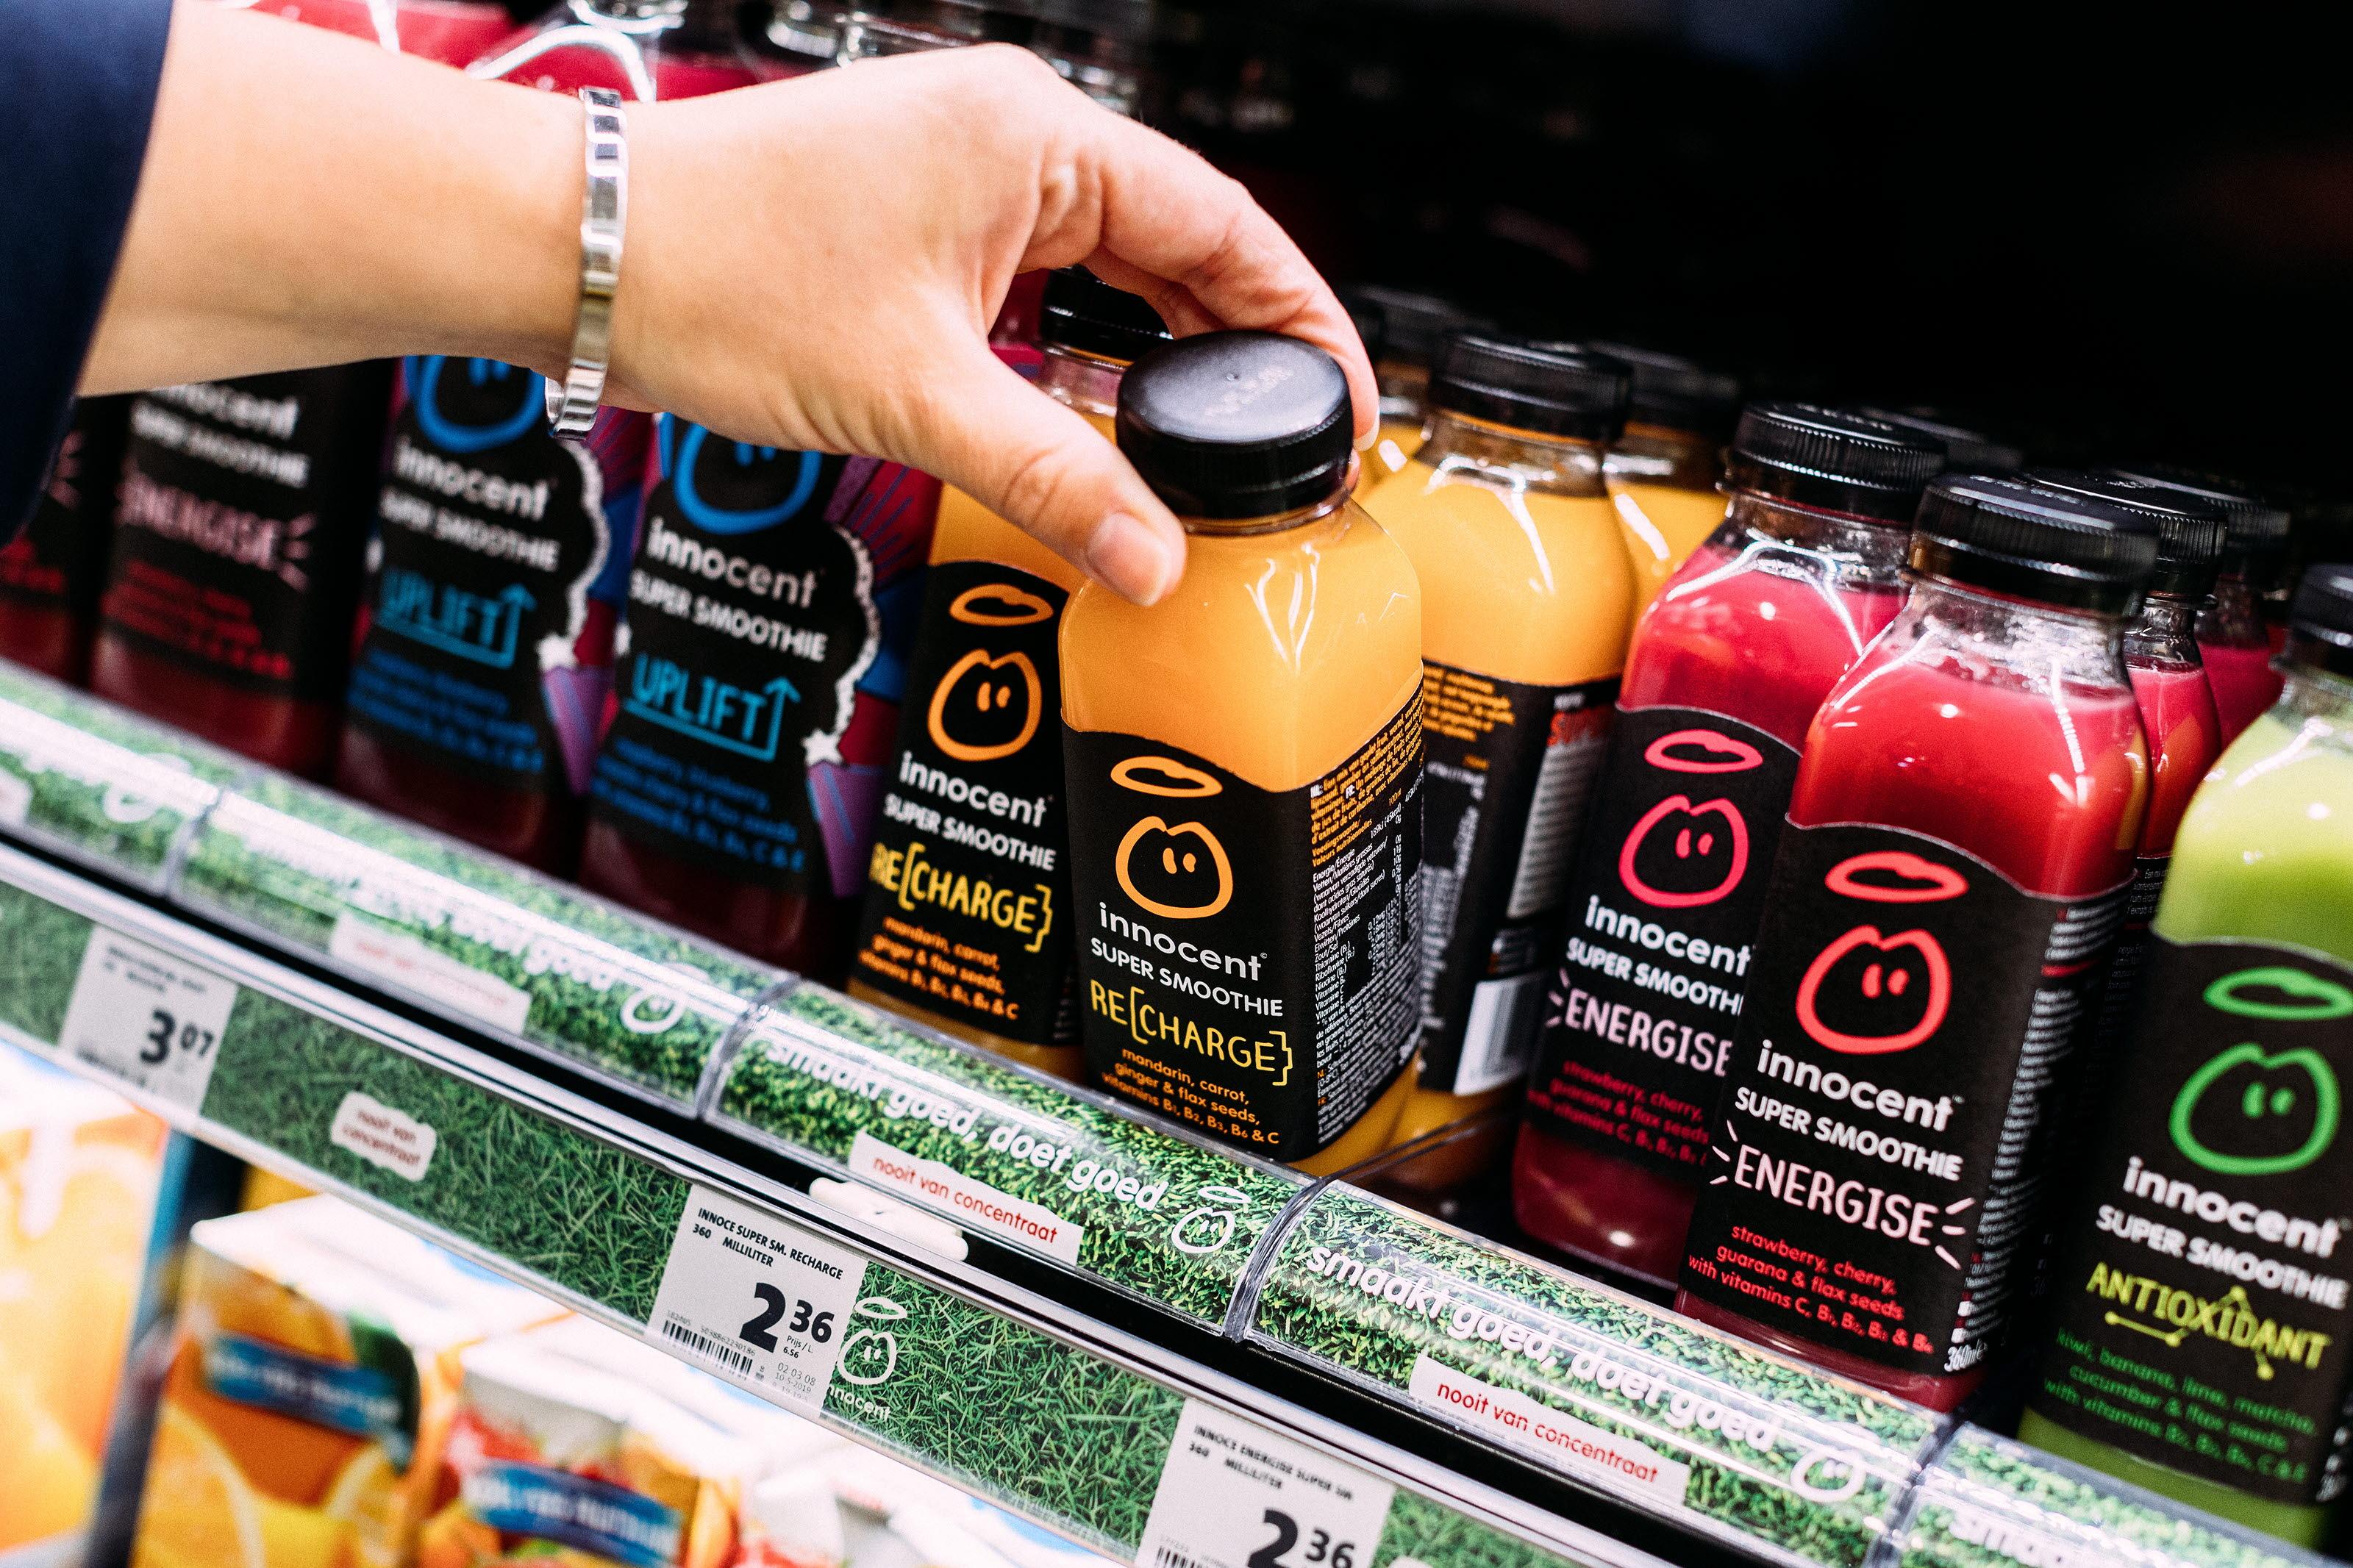 Rottaprint etichete industria alimentară